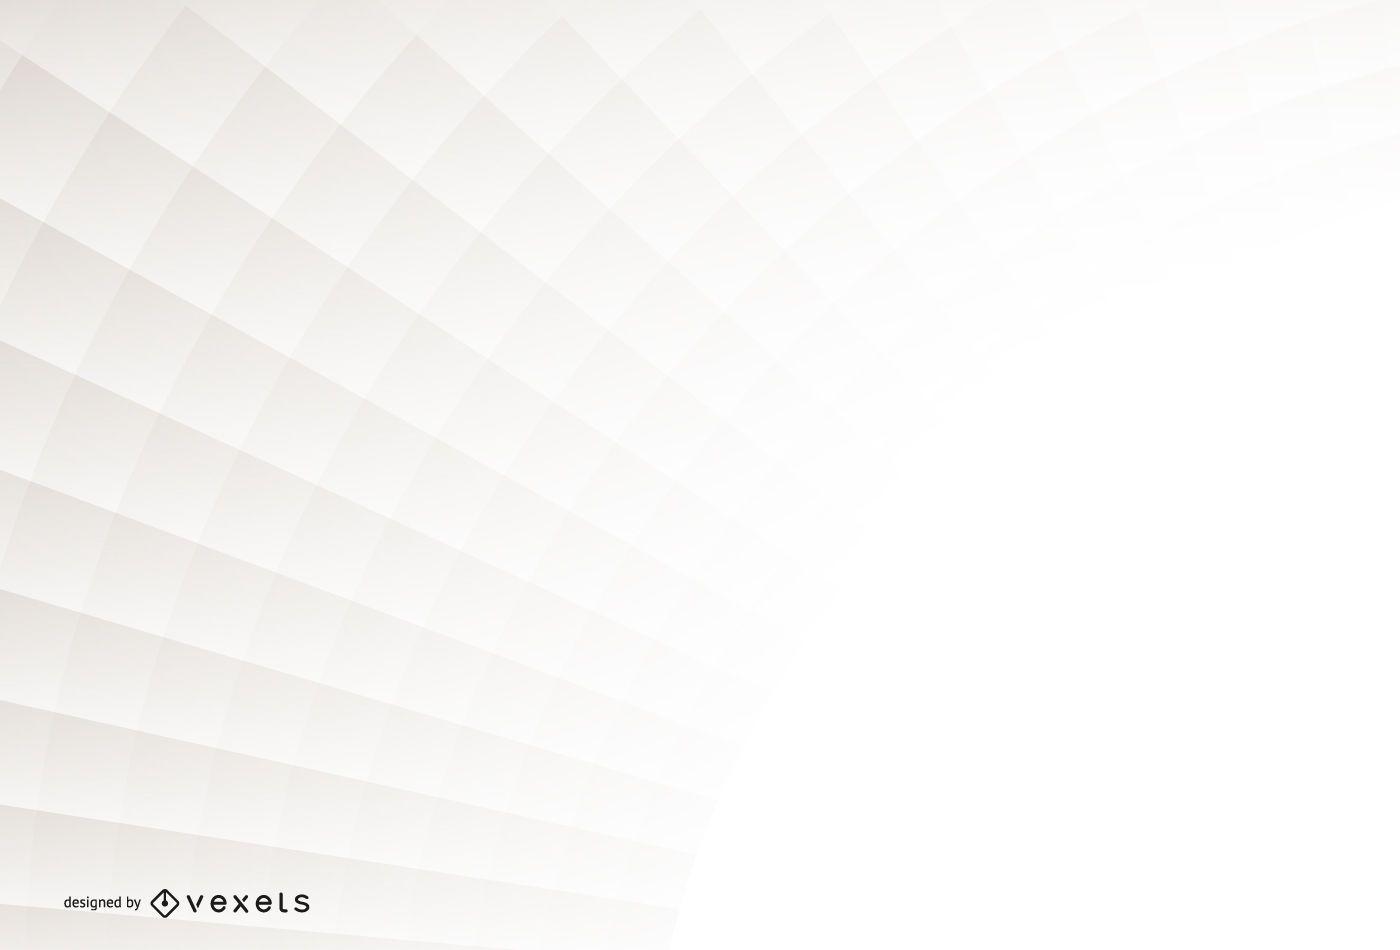 Abstrato Branco Ou Pano De Fundo